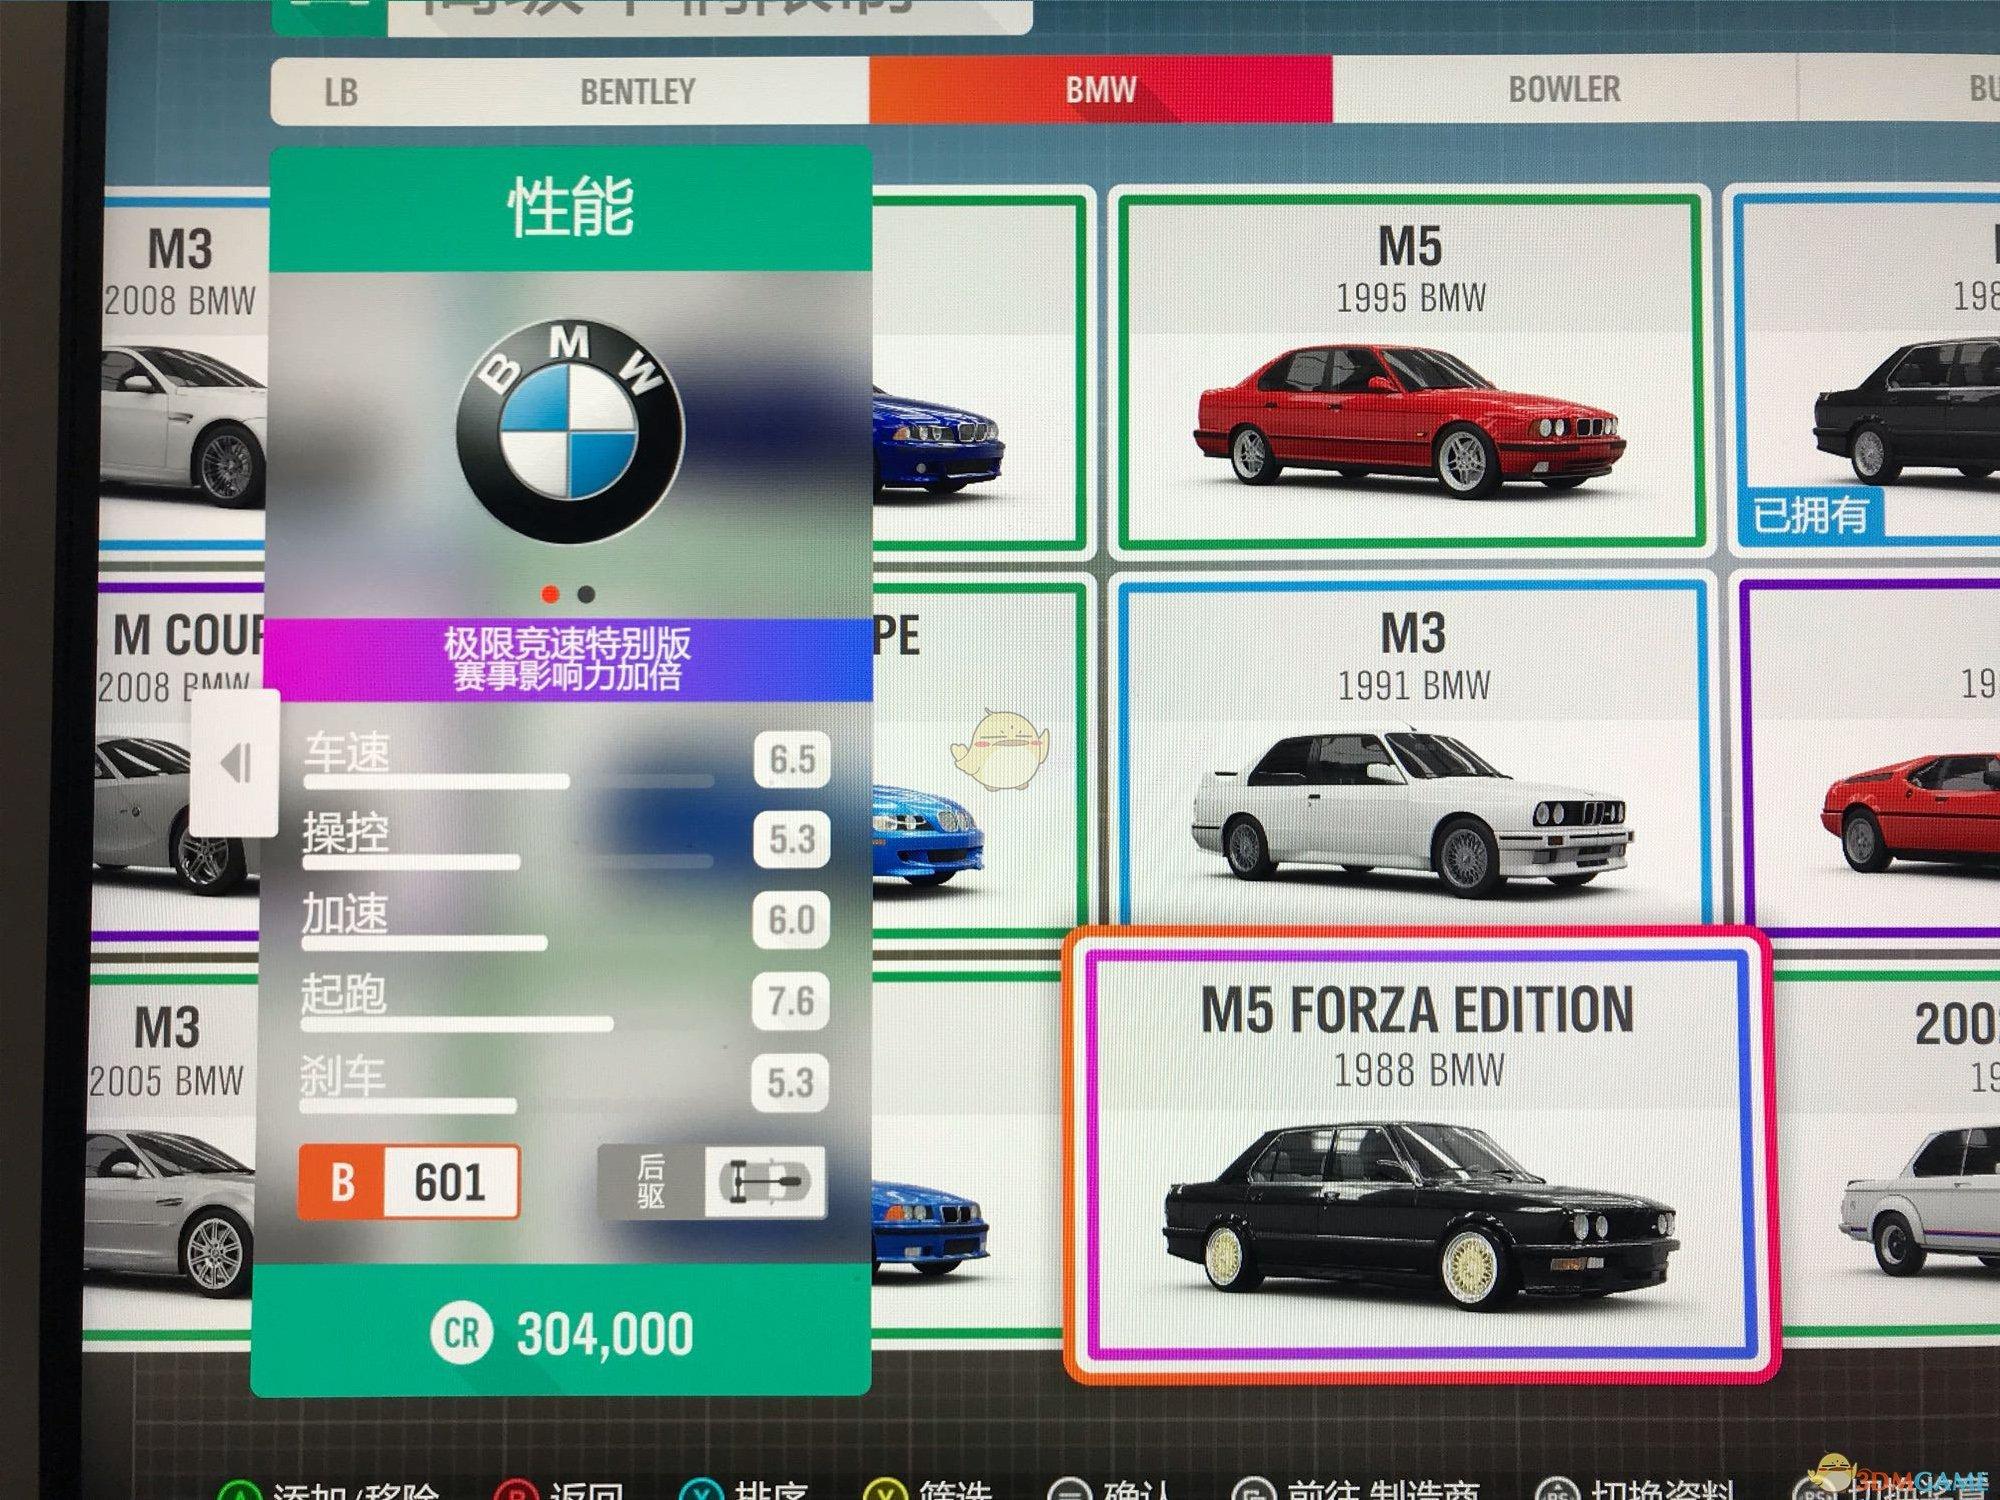 《极限竞速:地平线4》所有特别版车辆大全